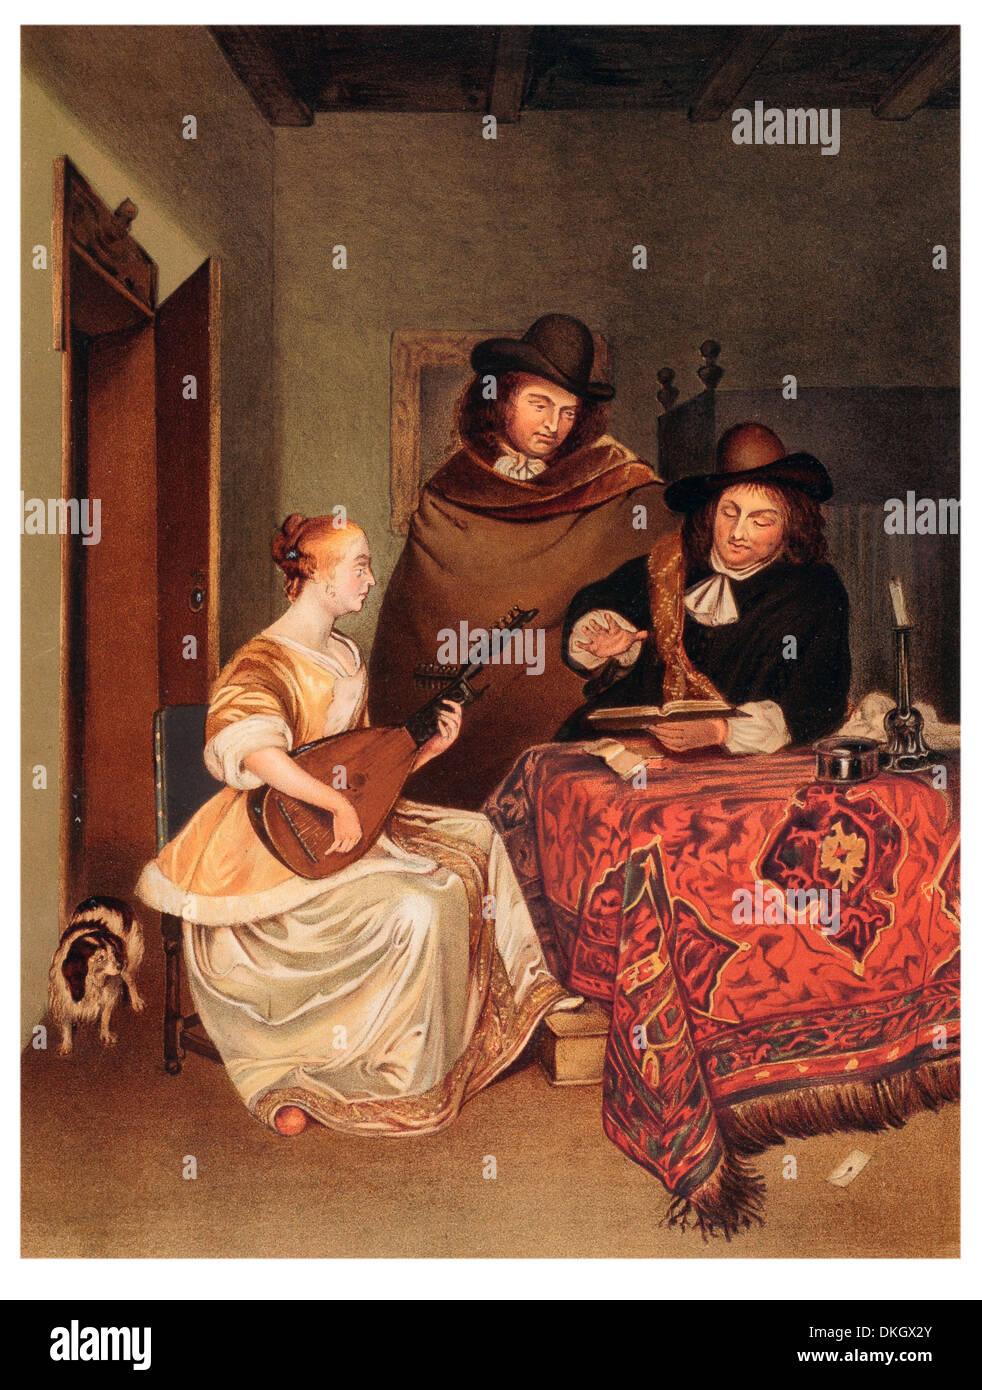 Die Musikstunde, gemalt von Gerard terburg Stockbild